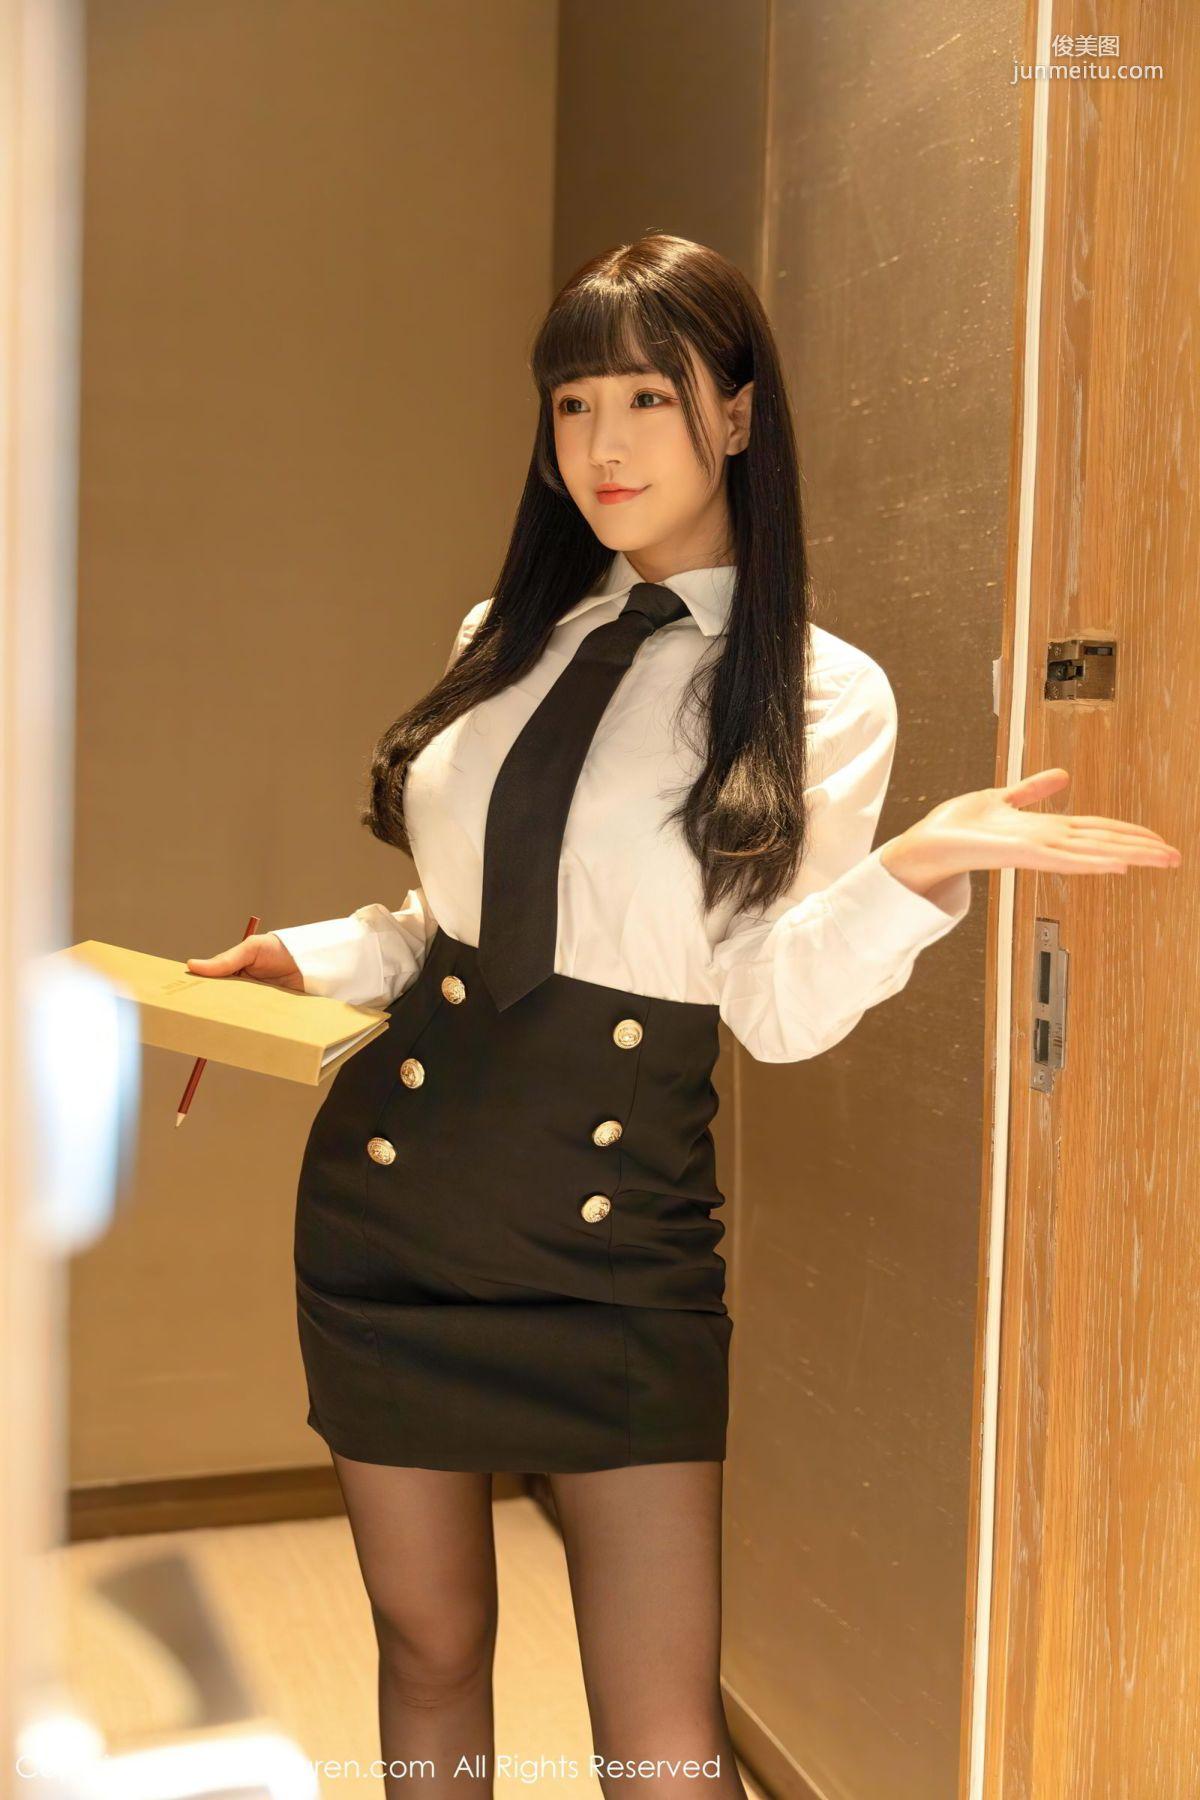 妹妹朱可儿Flower 职场白衬衫黑短裙